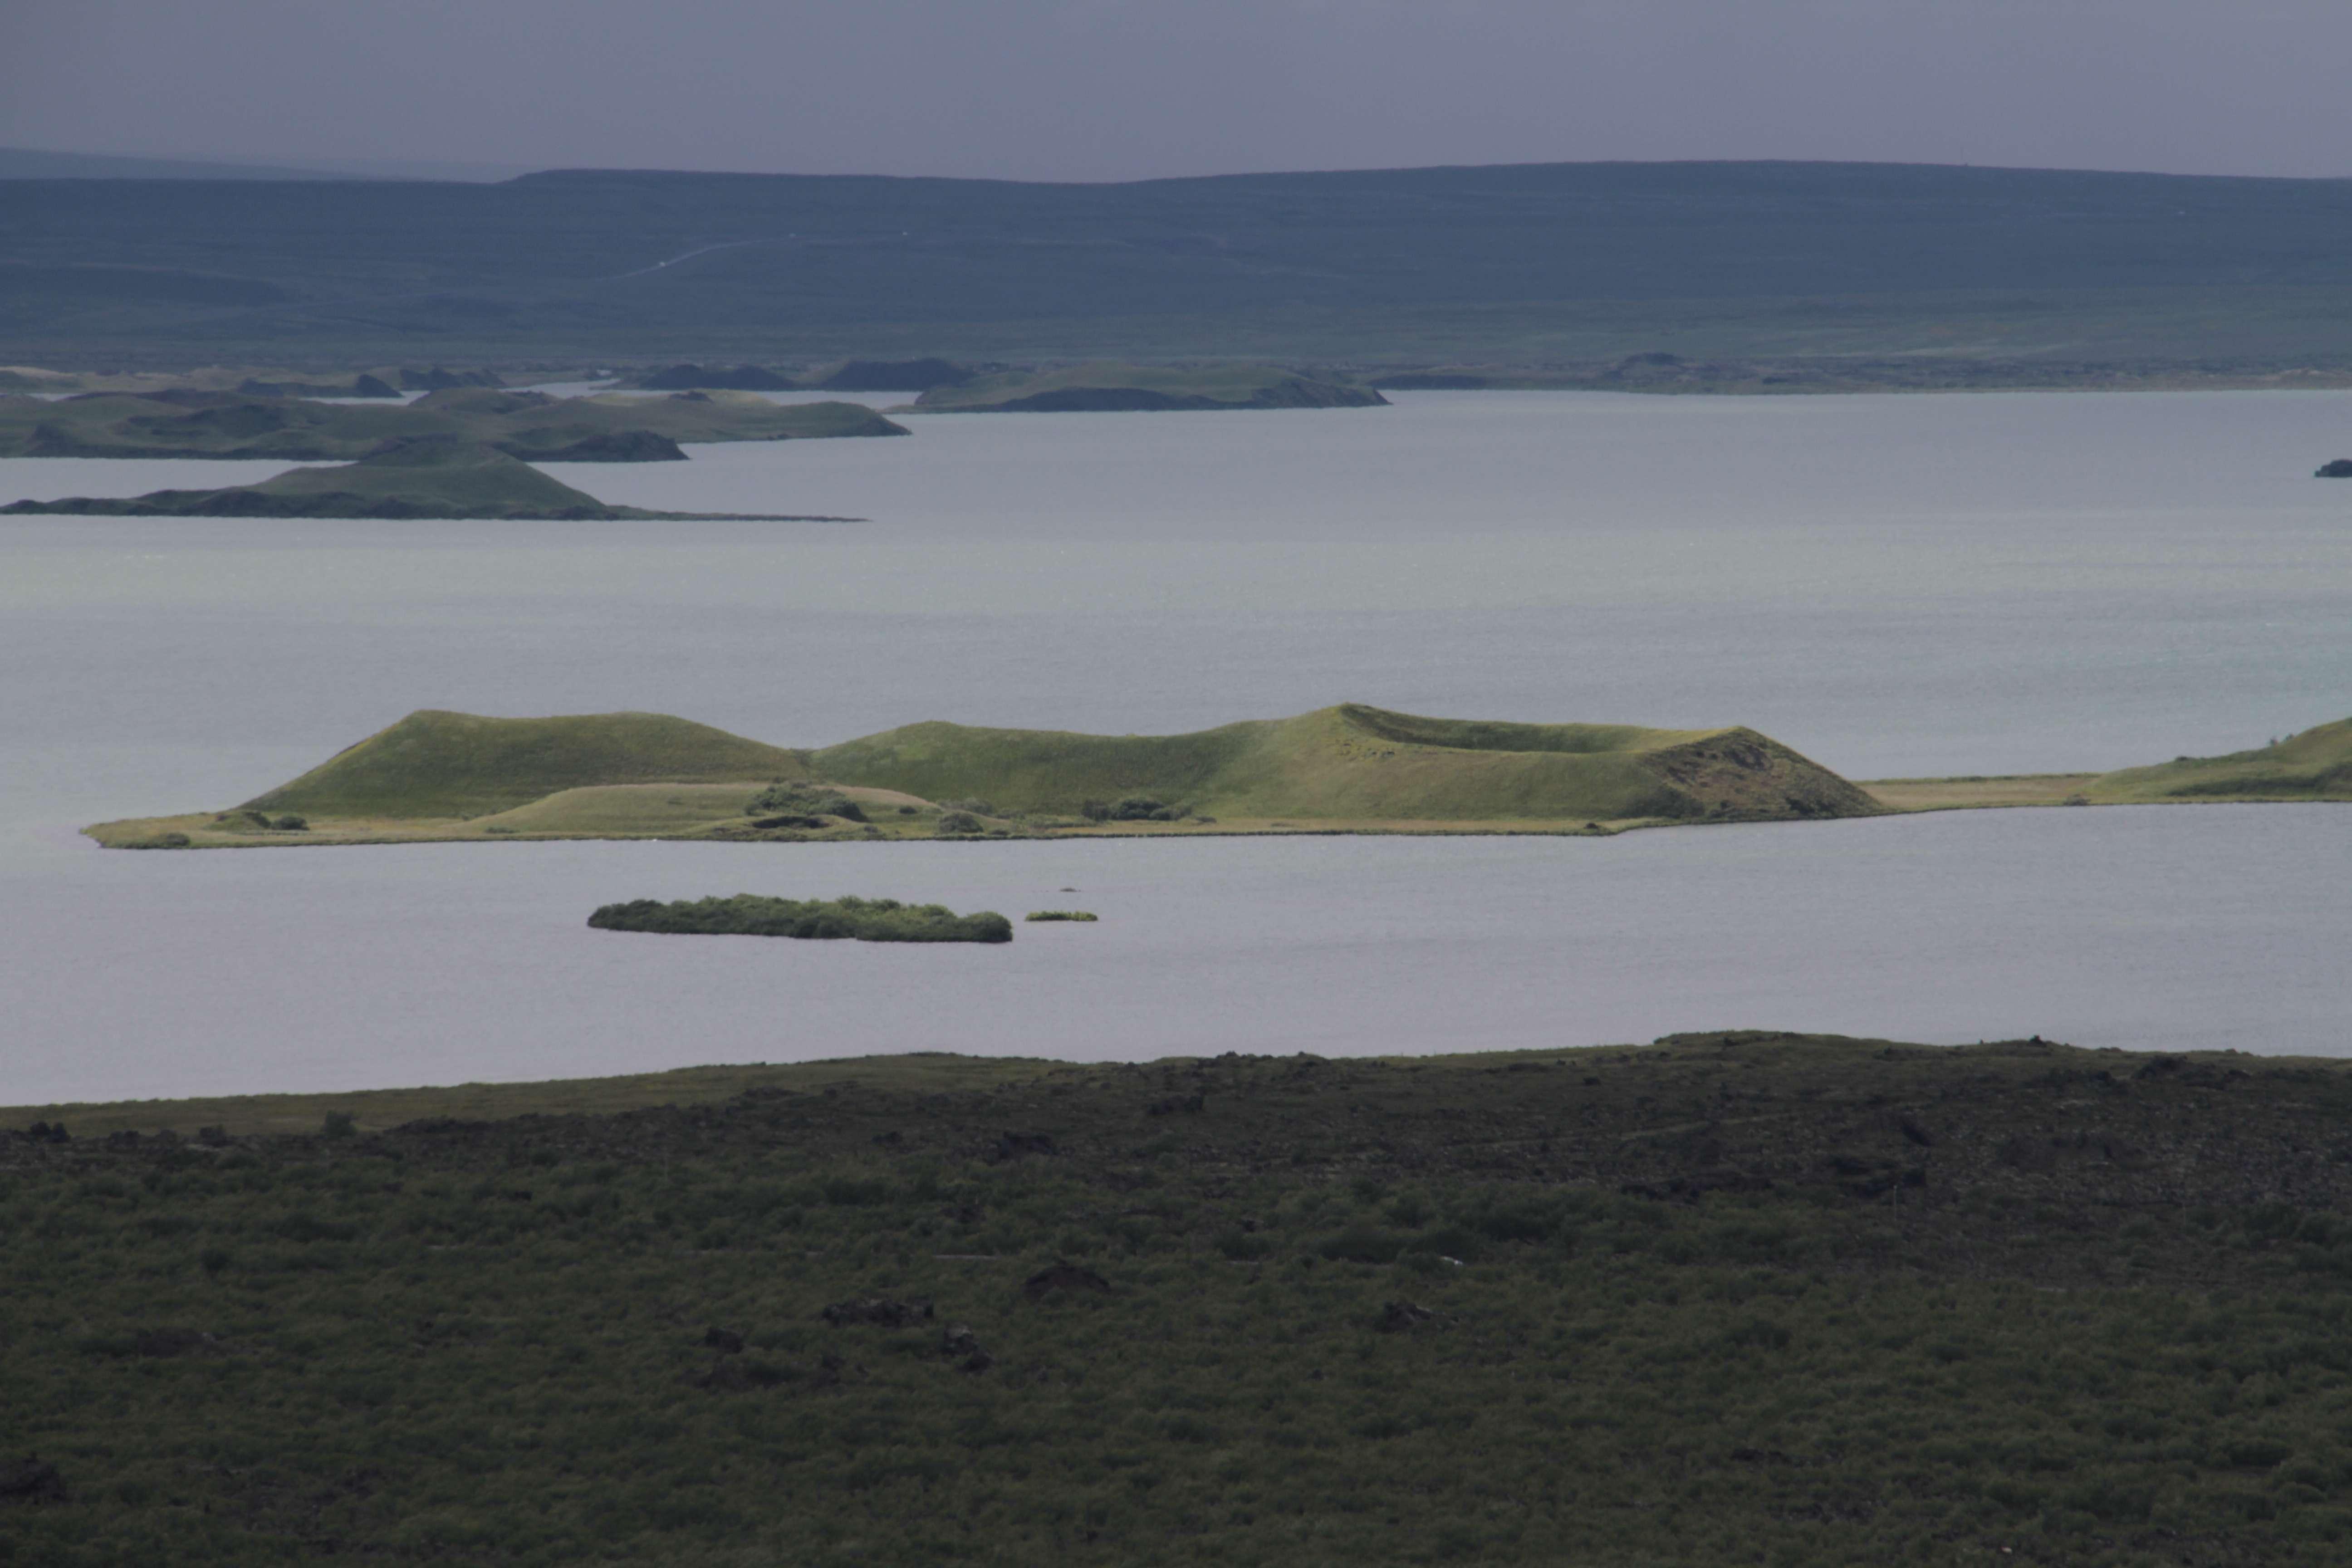 Islande_0248 rando Hofdi-Reykjahlid - Hverfjall 12 juillet